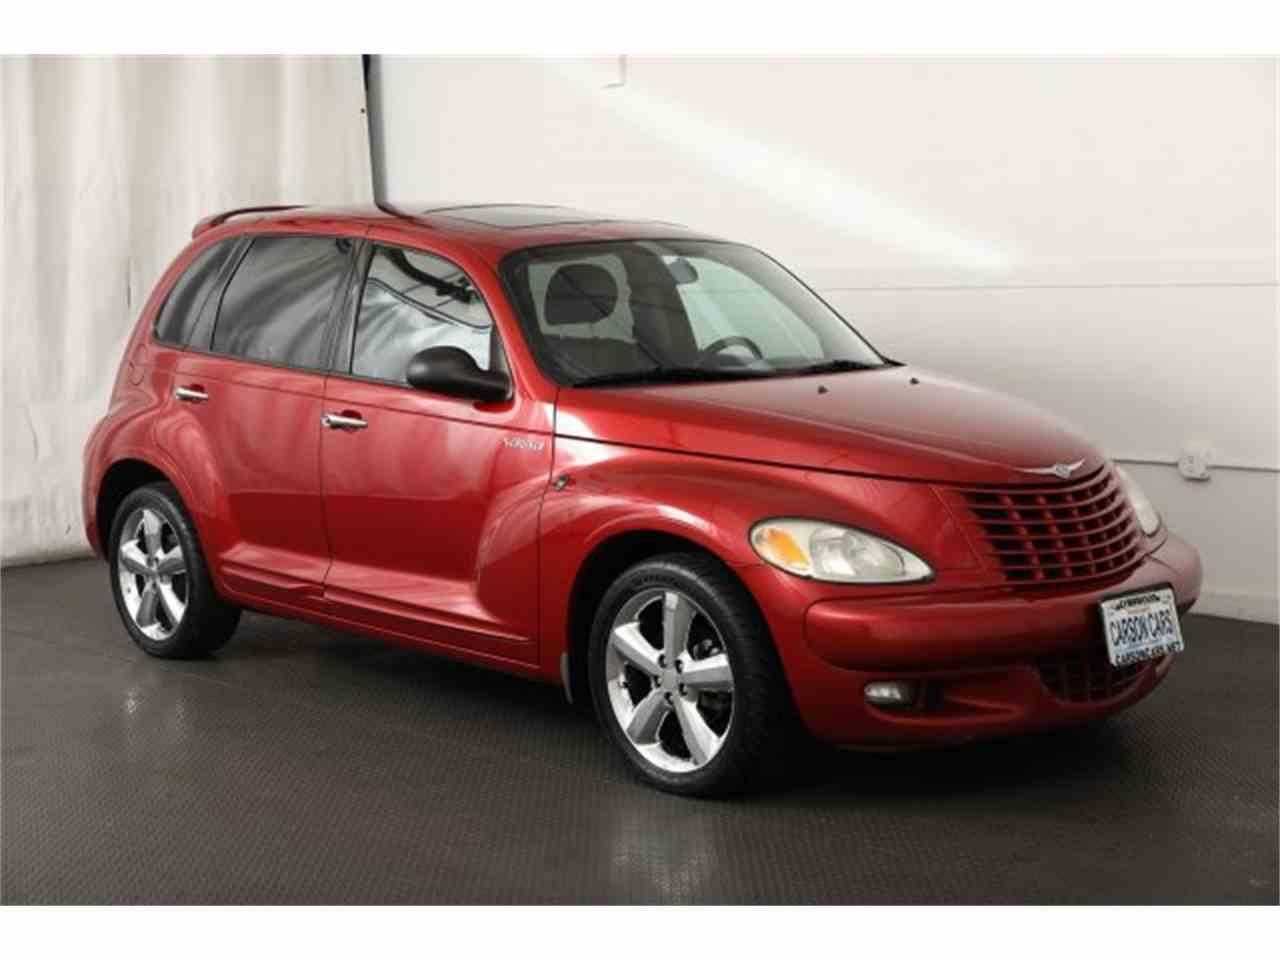 2004 Chrysler PT Cruiser for Sale - CC-997509